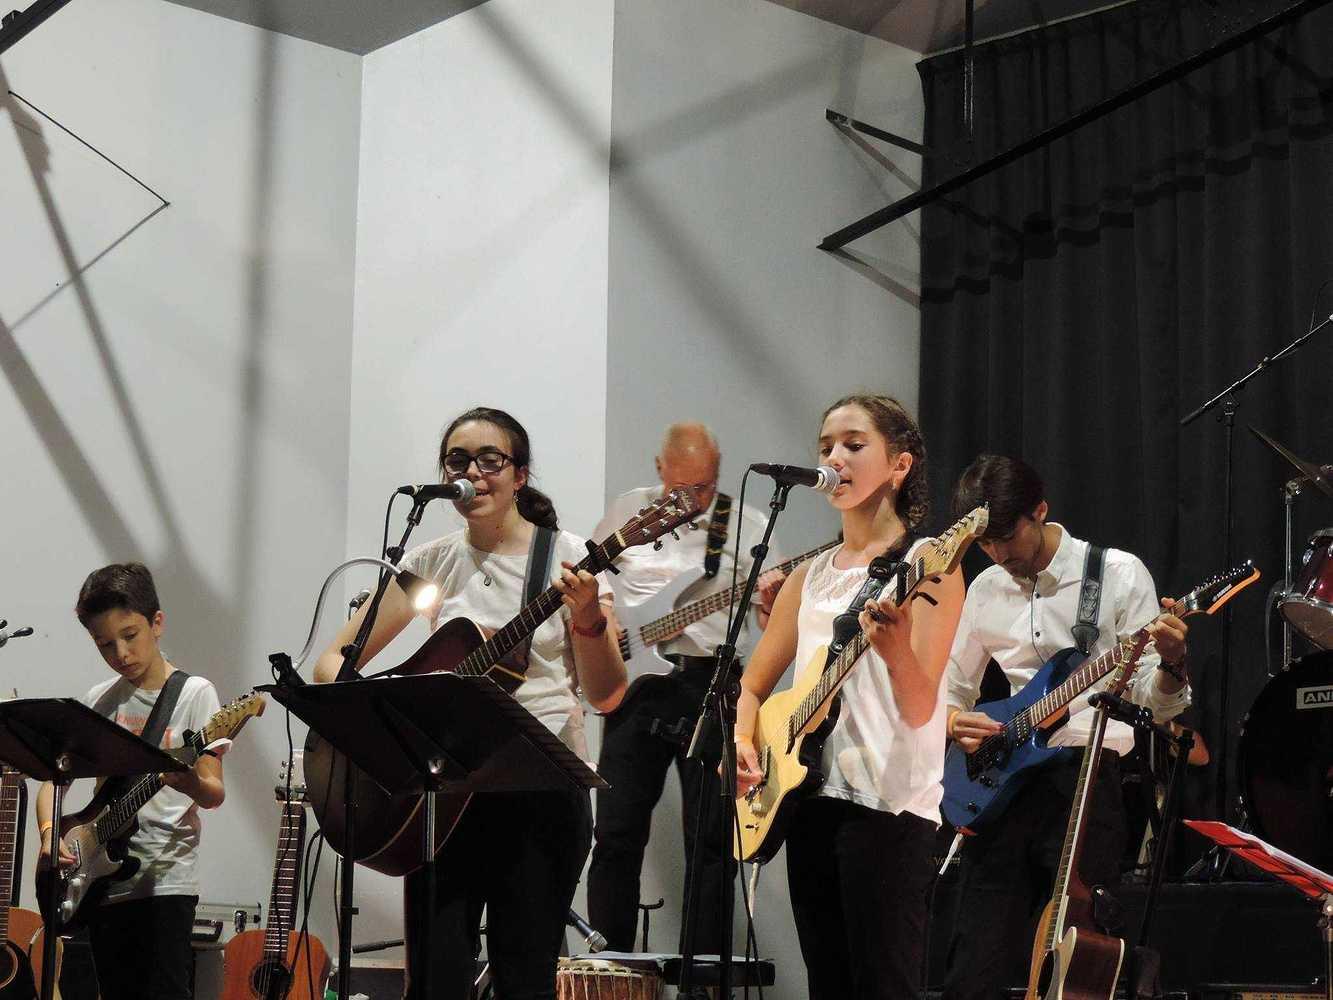 Ecole de Guitare - Concert - 29 juin 2017 - Salle des fêtes 194886145614188575793063727957926288663530o